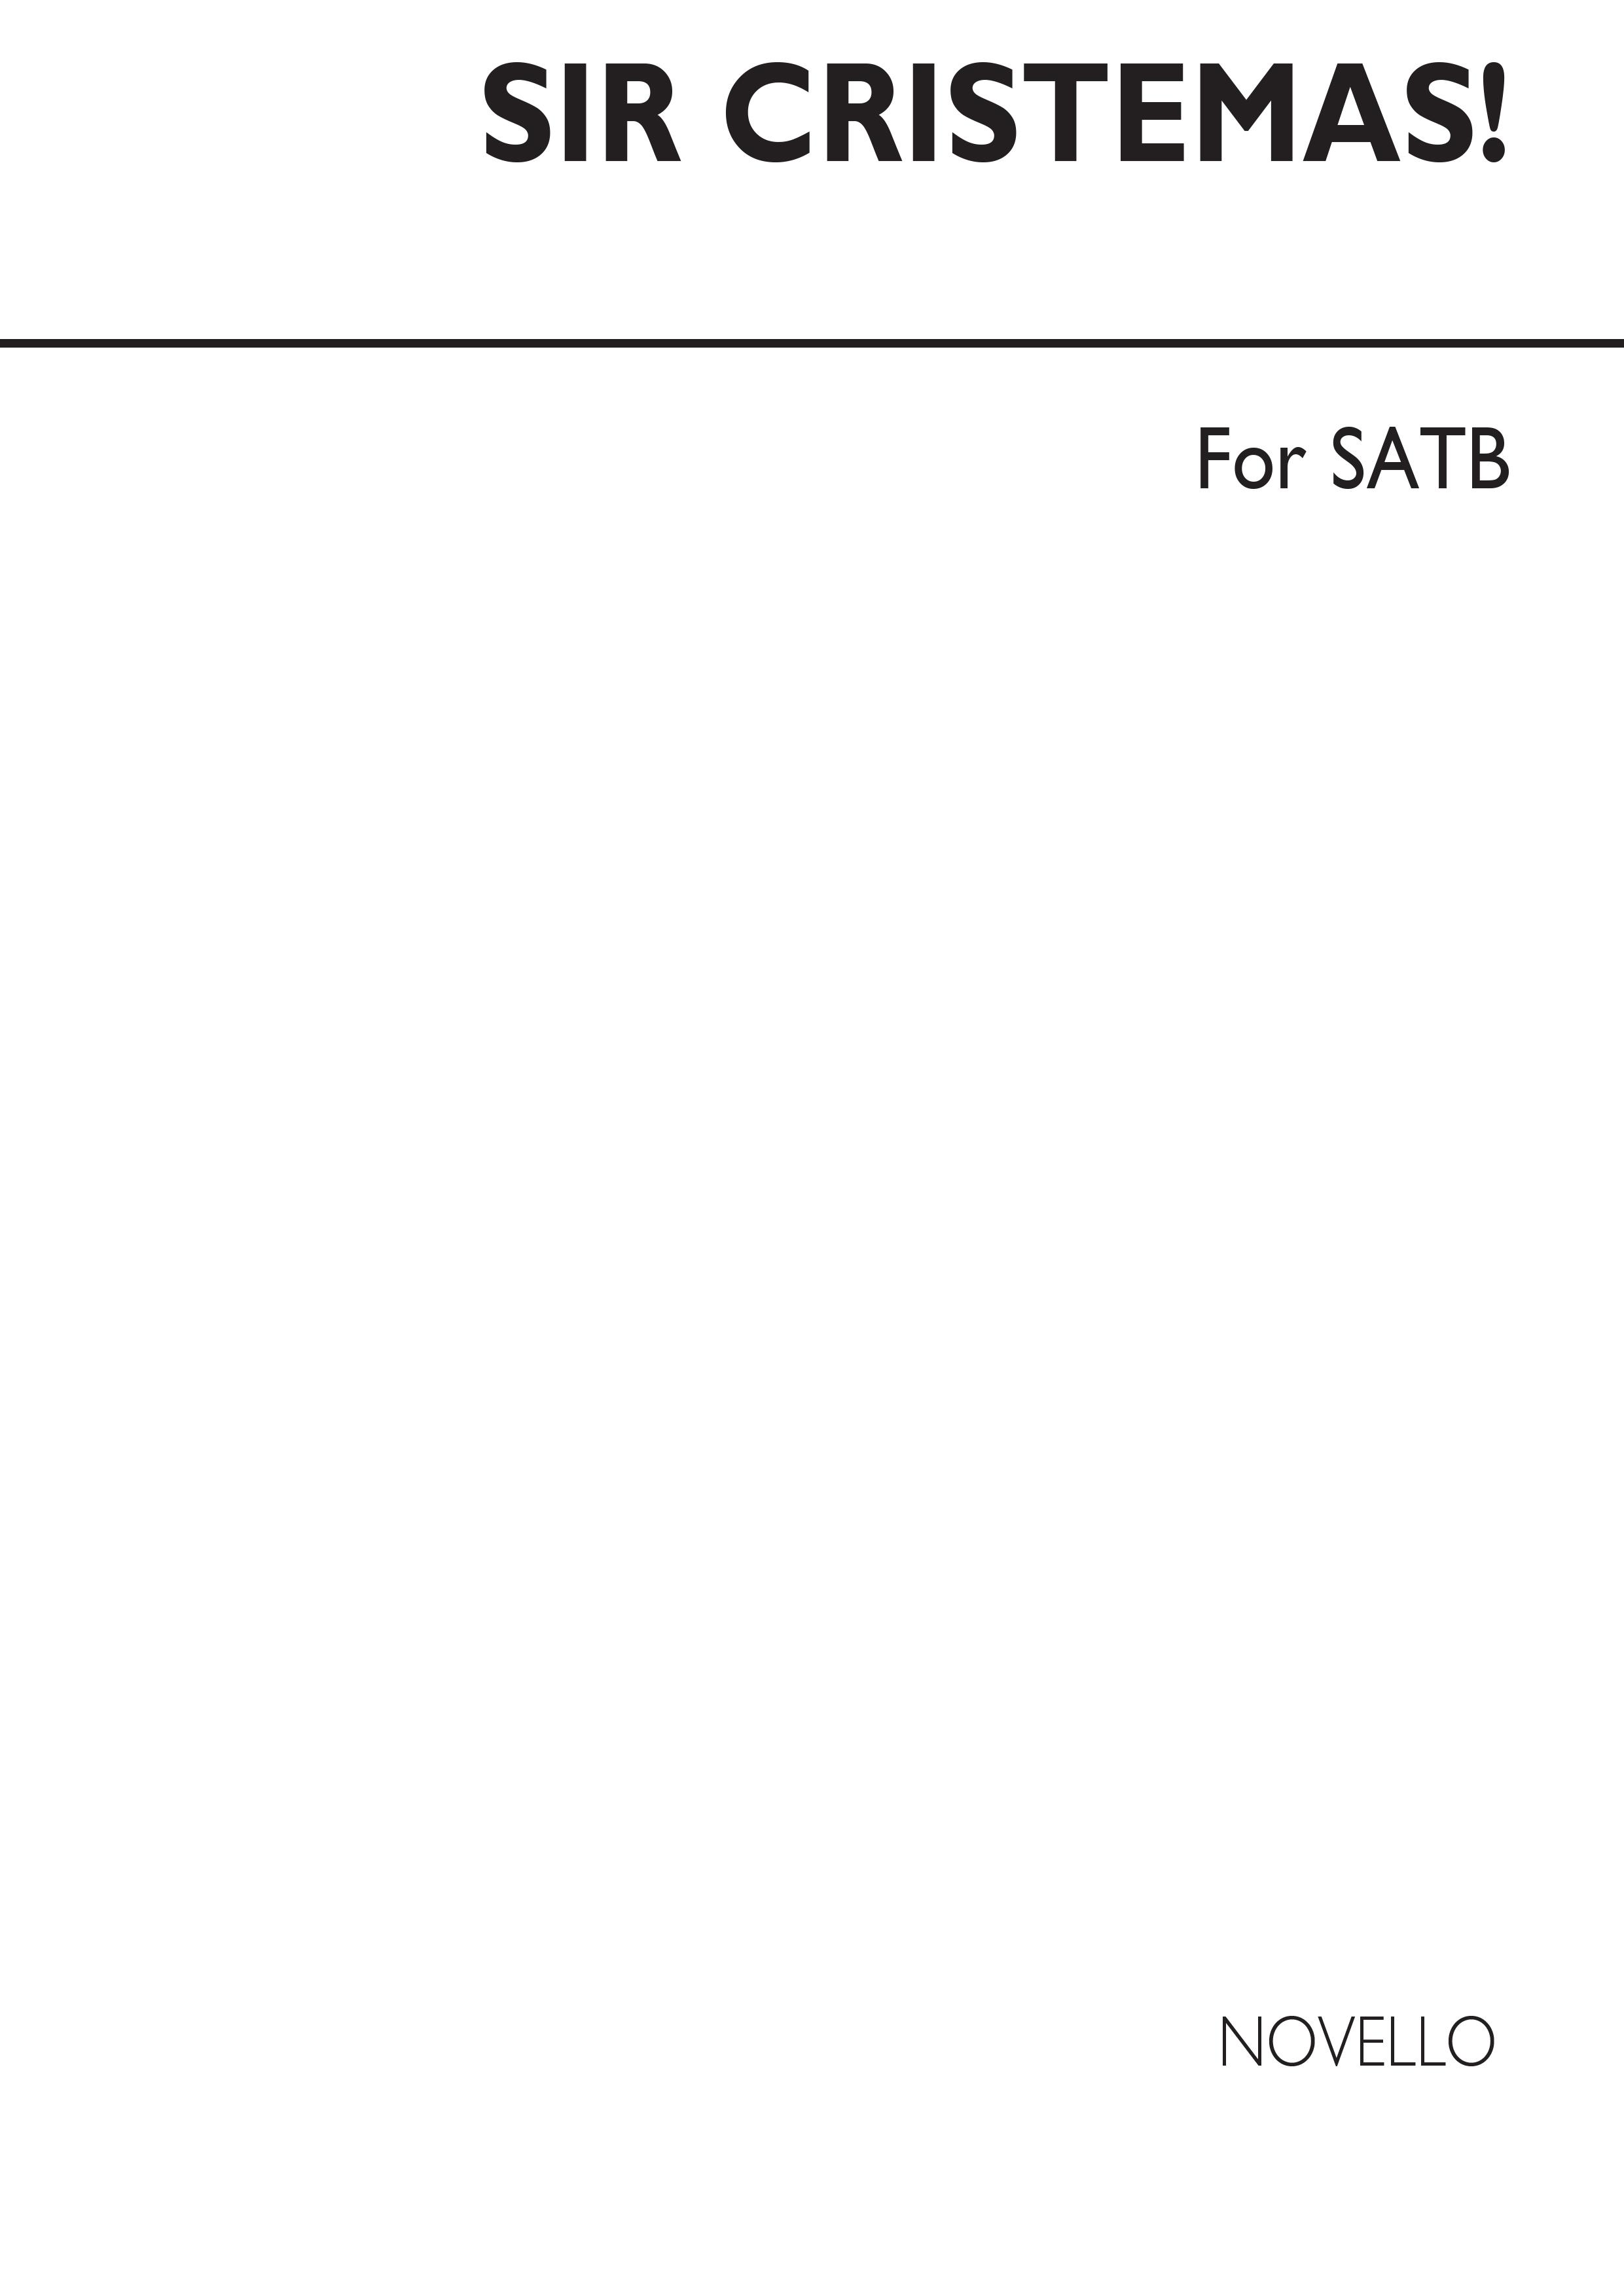 Sir Cristemas - Six Secular Carols for SATB Chorus: SATB: Vocal Score